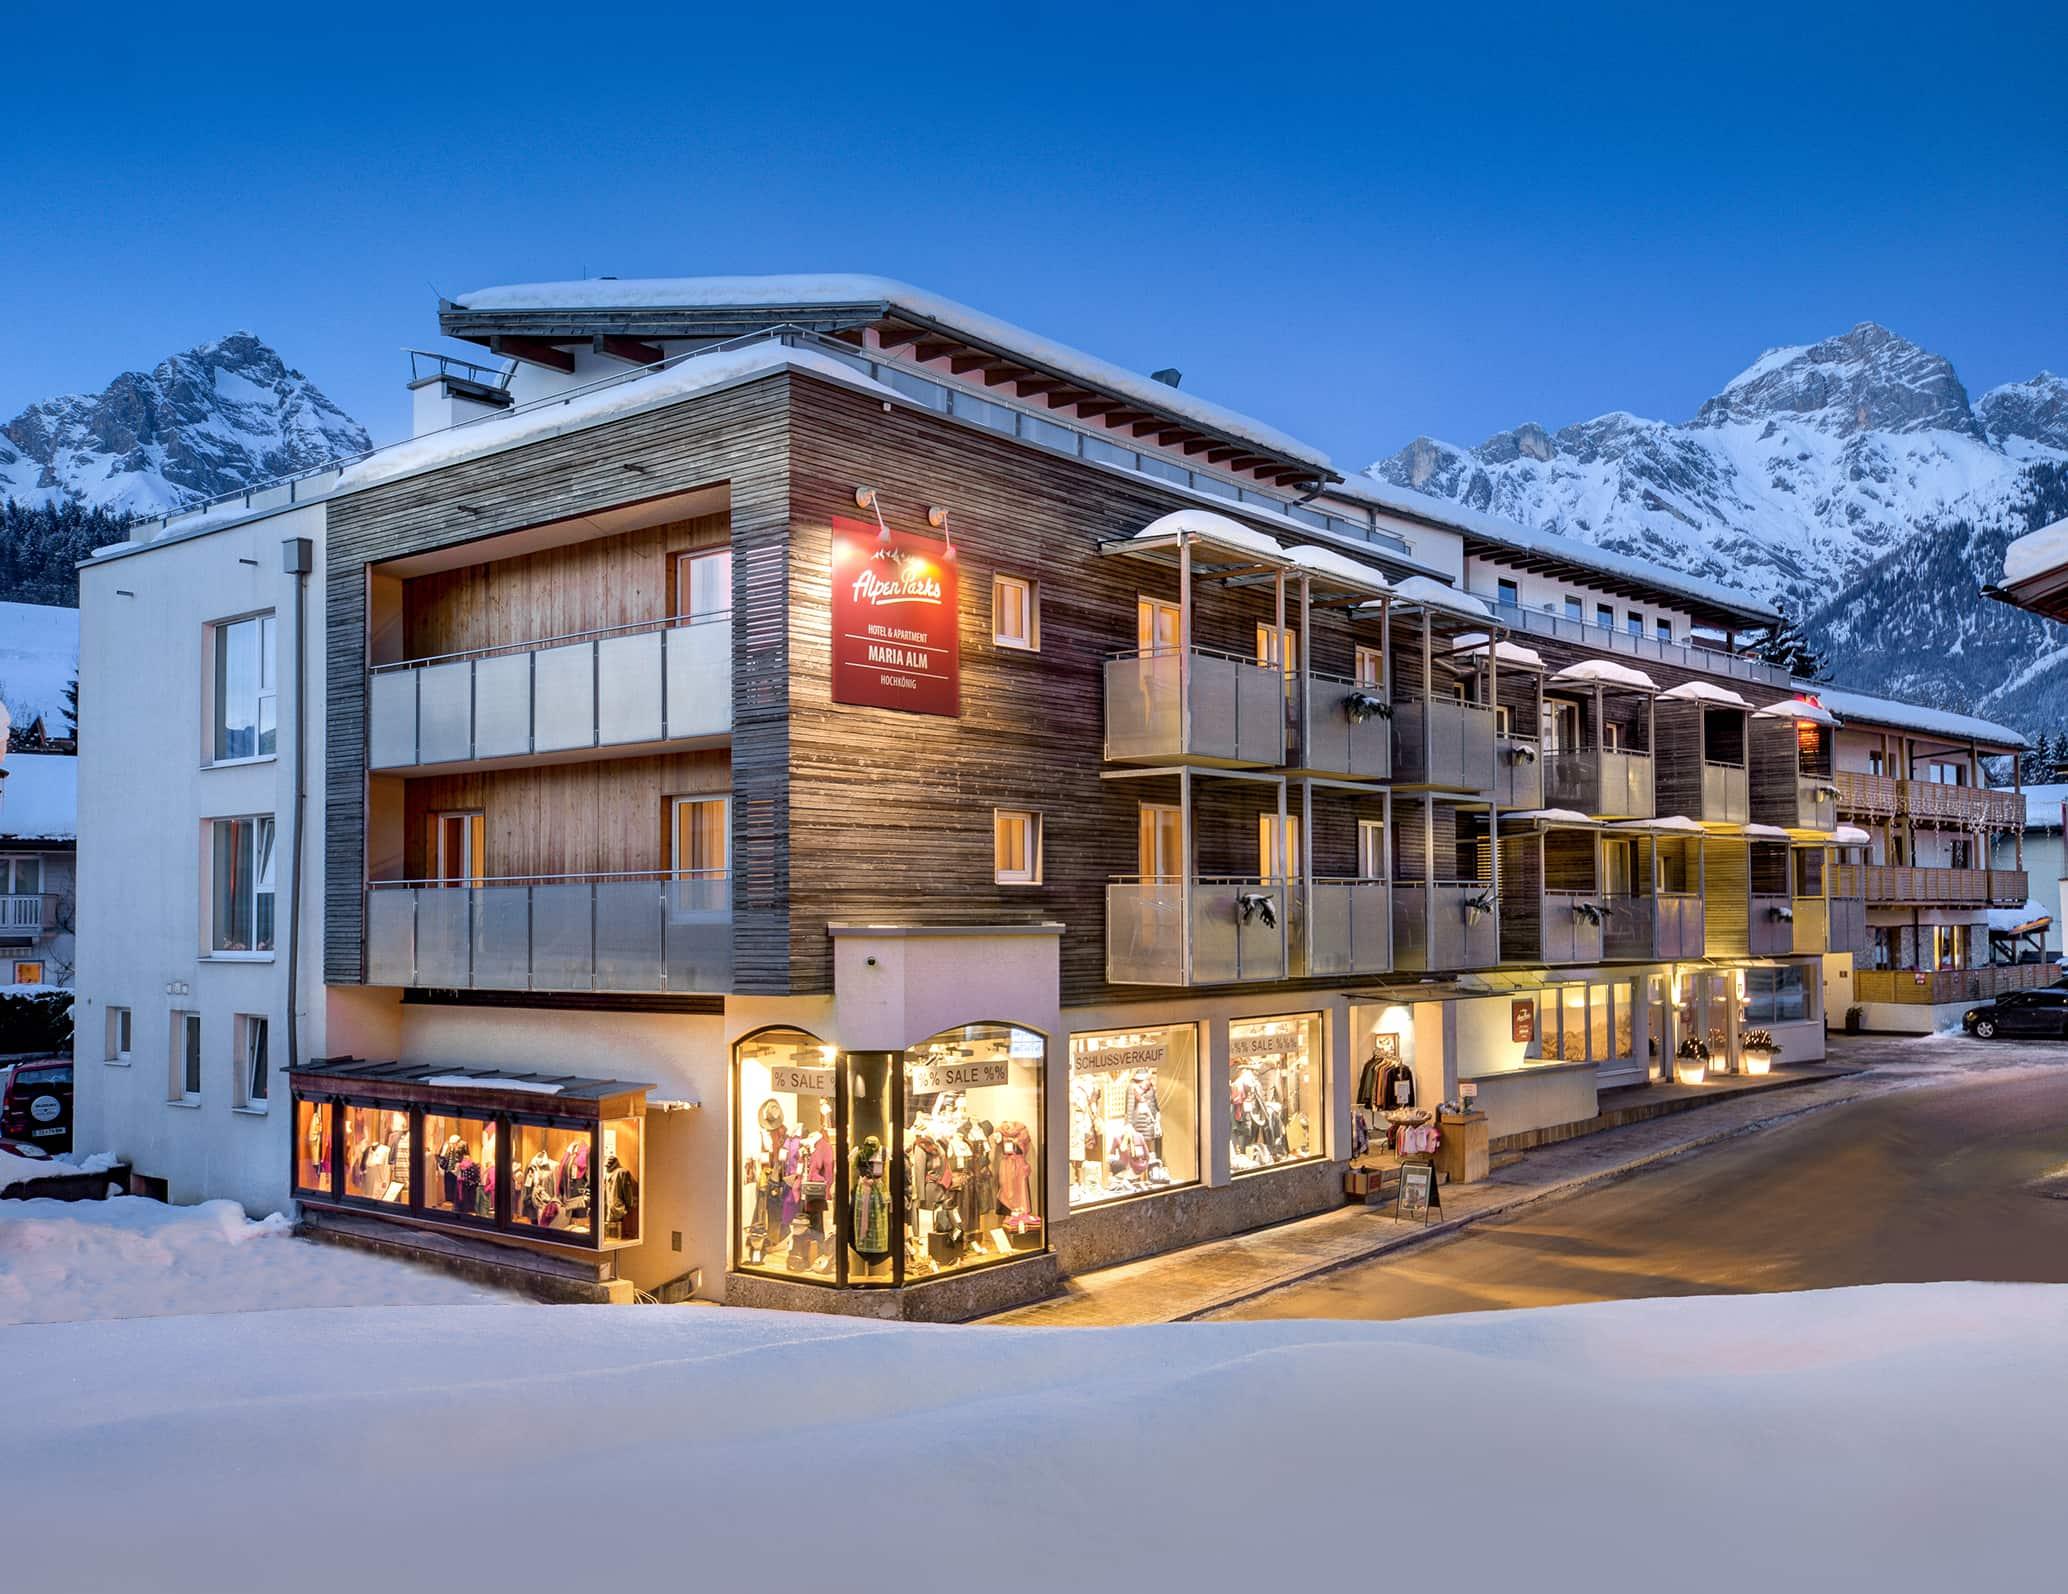 Verschneite Aufnahme vom AlpenParks Hotel Maria Alm